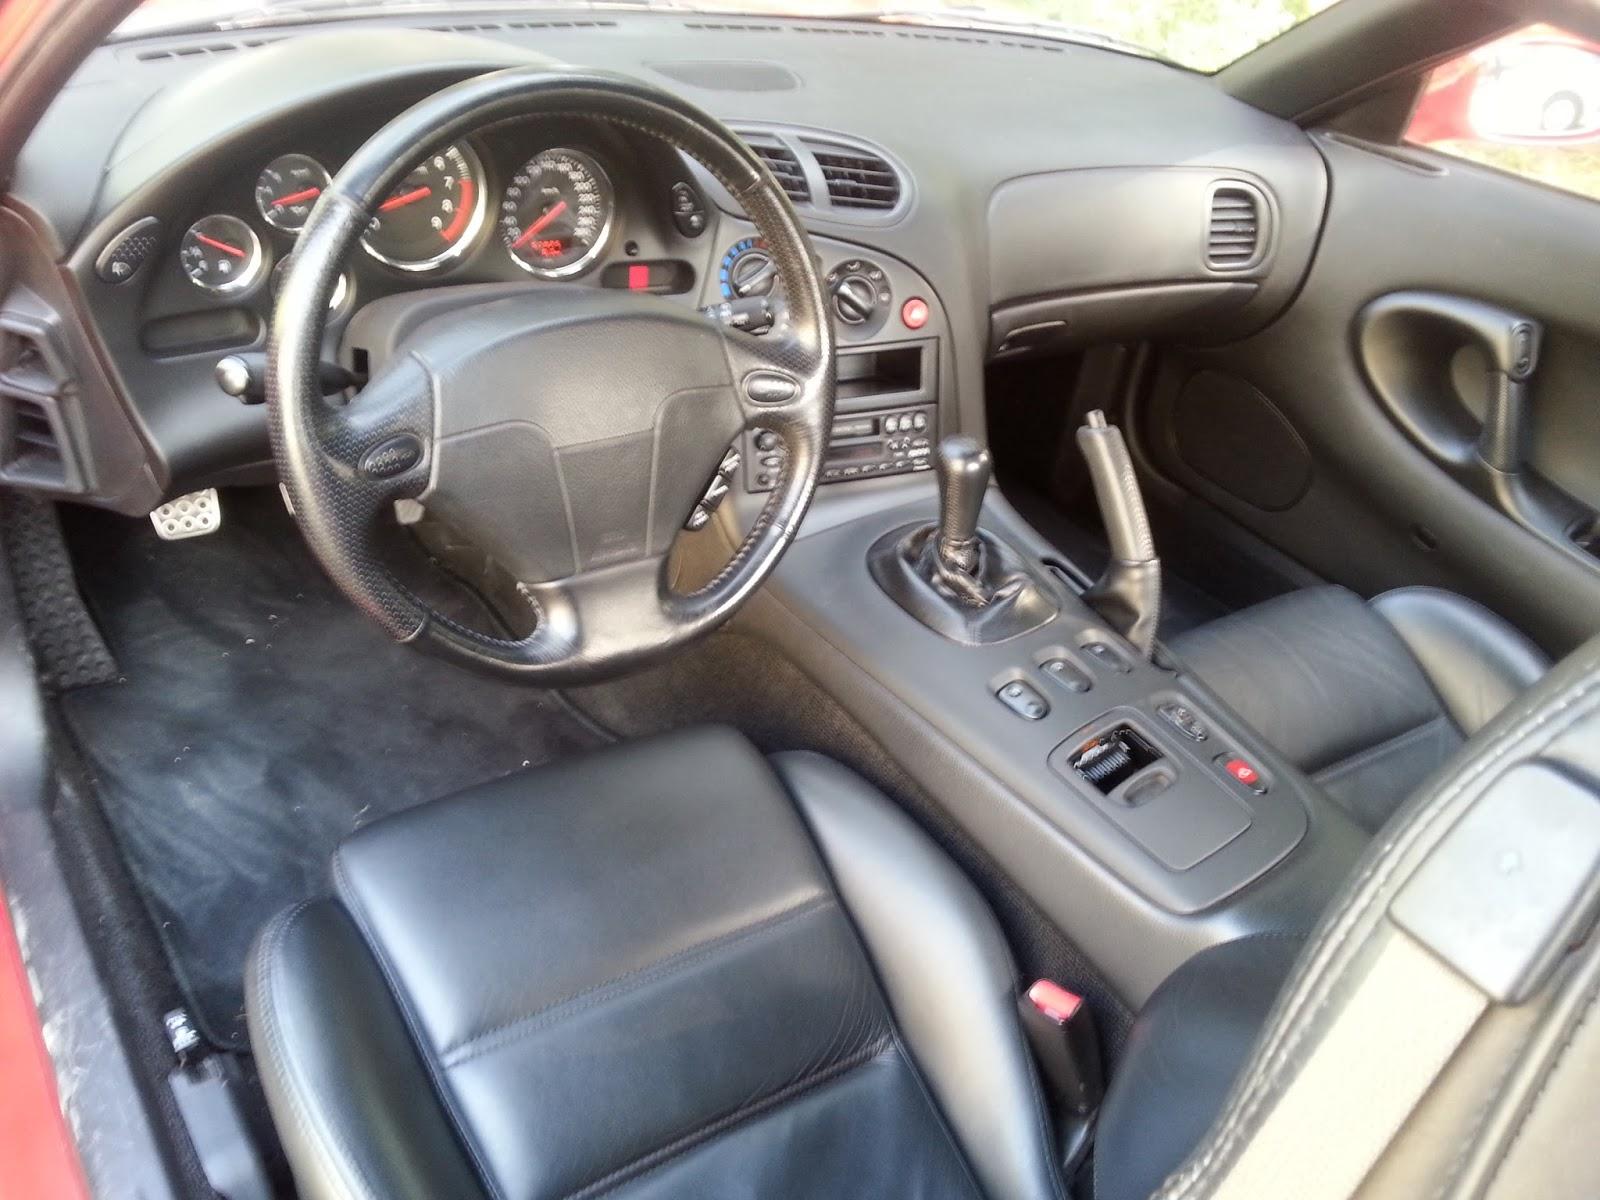 7 Όταν οδήγησα ένα καινούριο Mazda RX-7 Mazda, Mazda RX-7, TEST, zblog, αυτοκίνητα, ΔΟΚΙΜΕΣ, καινούρια, μεταχειρισμένα, οδηγούμε